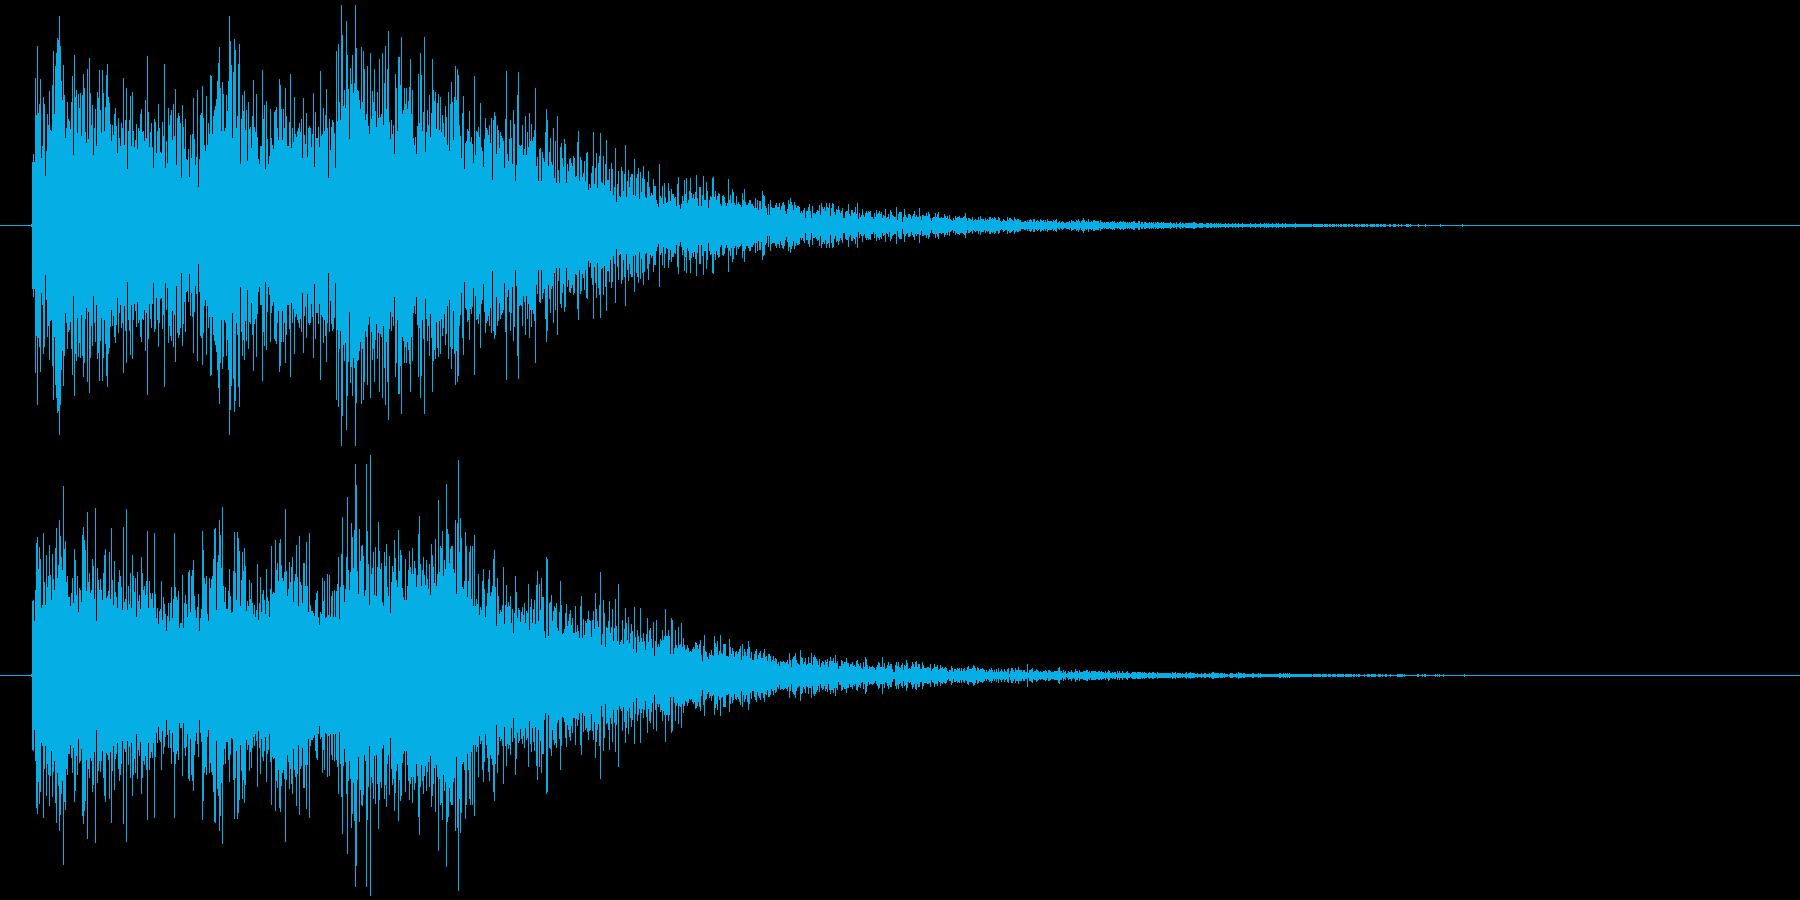 クイズ出題音(デデデン!)の再生済みの波形